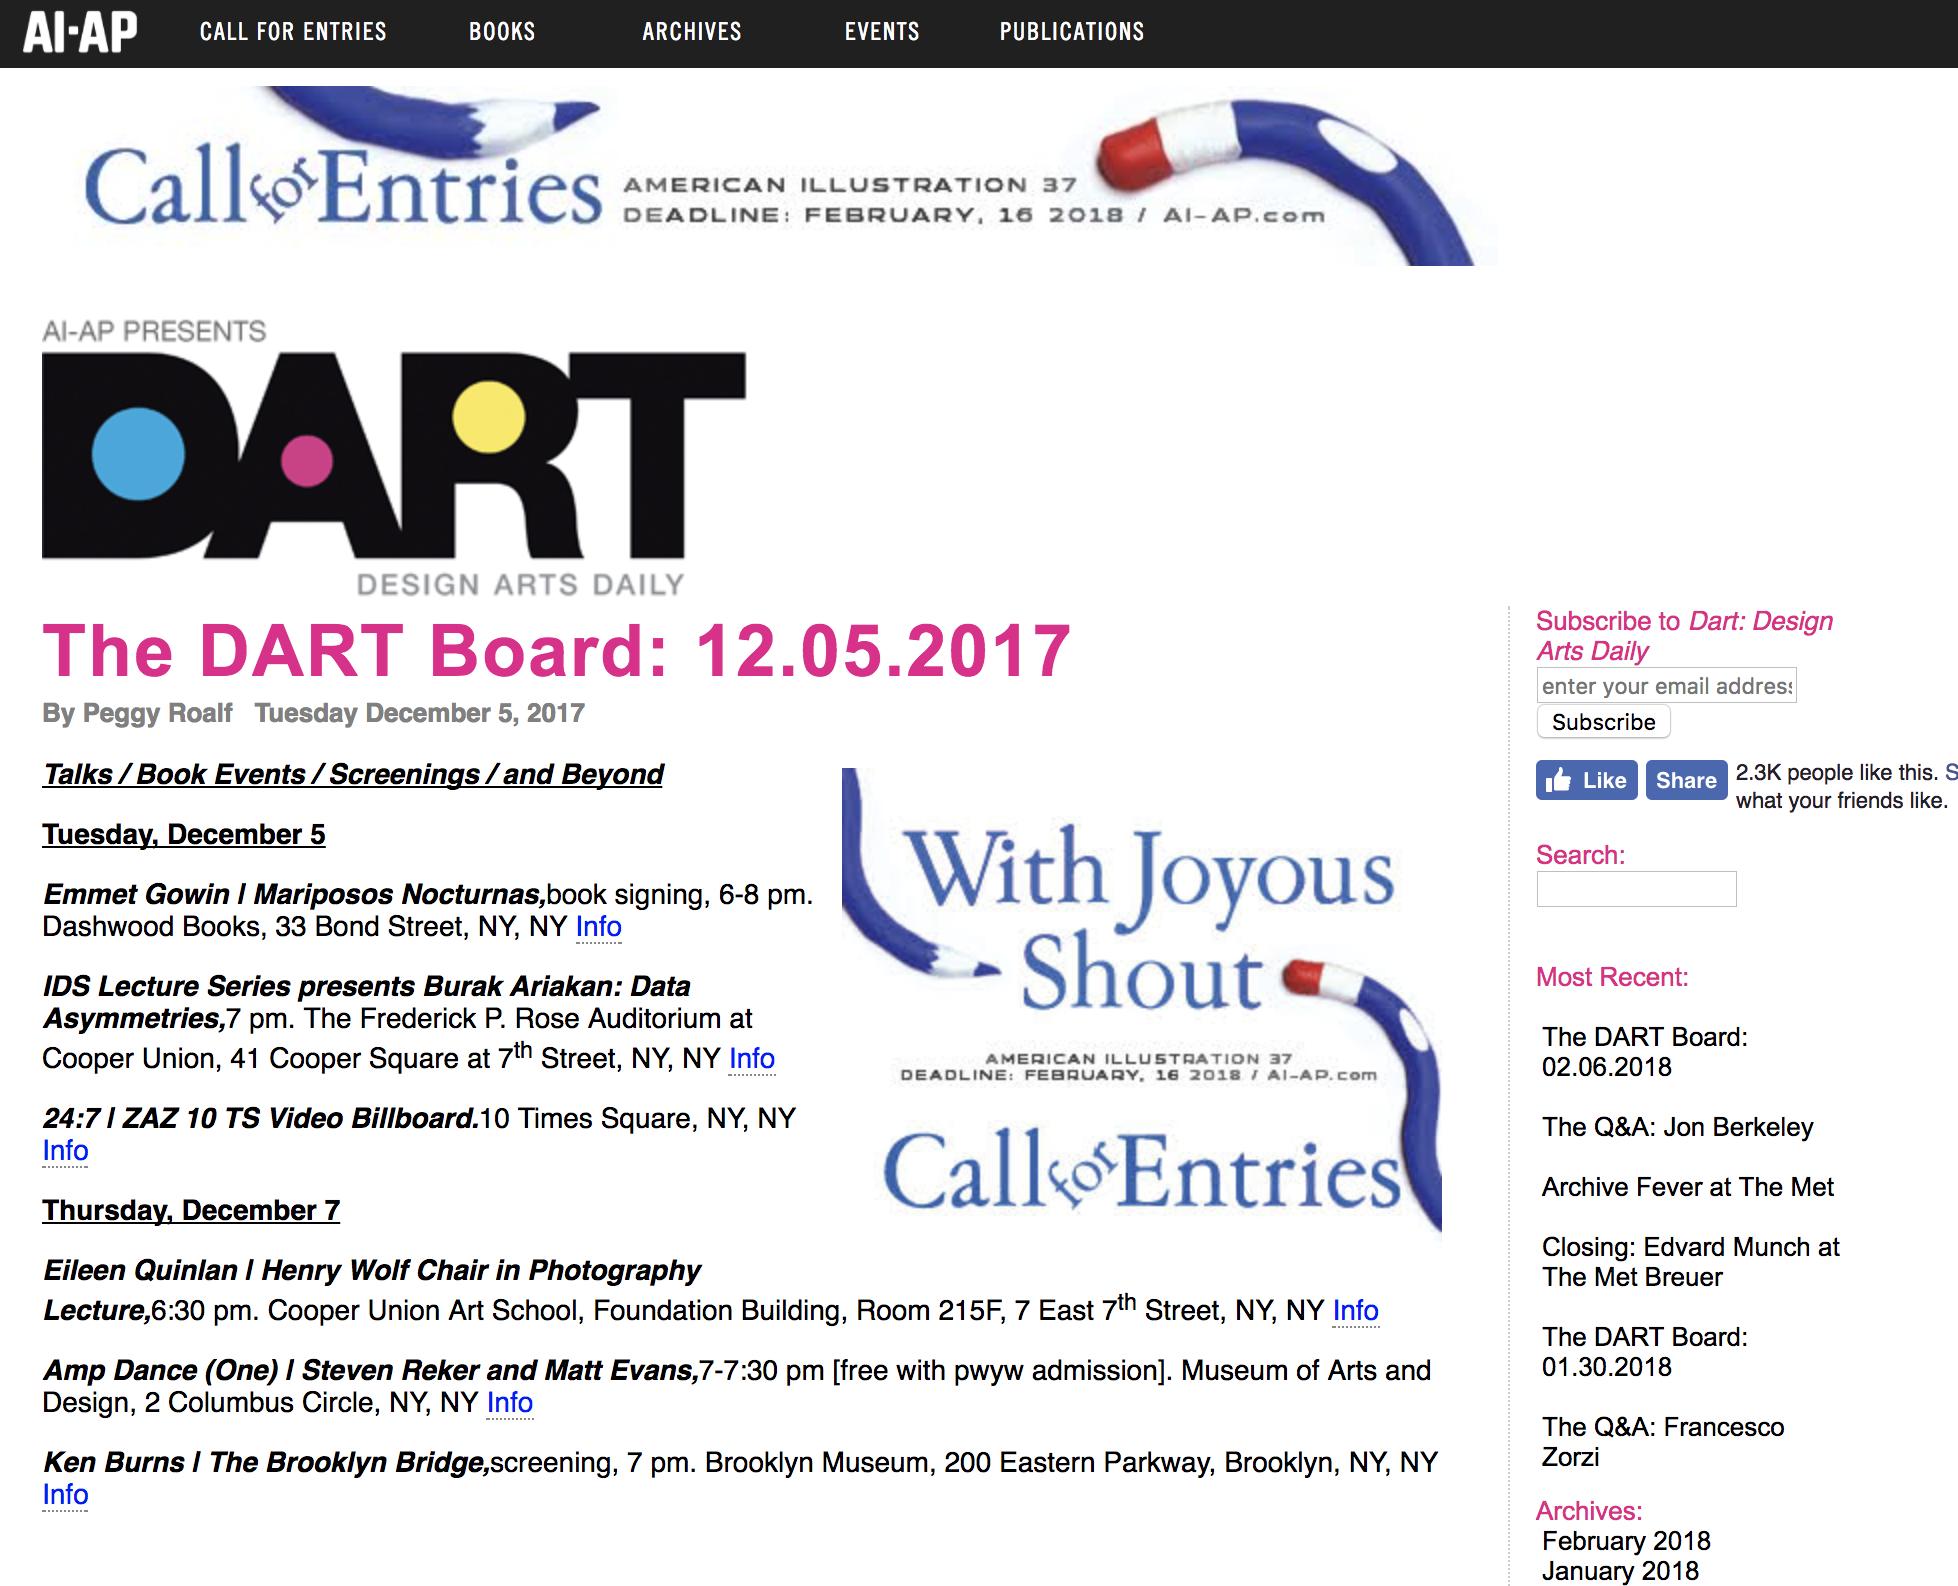 AI-AP Presents Dart